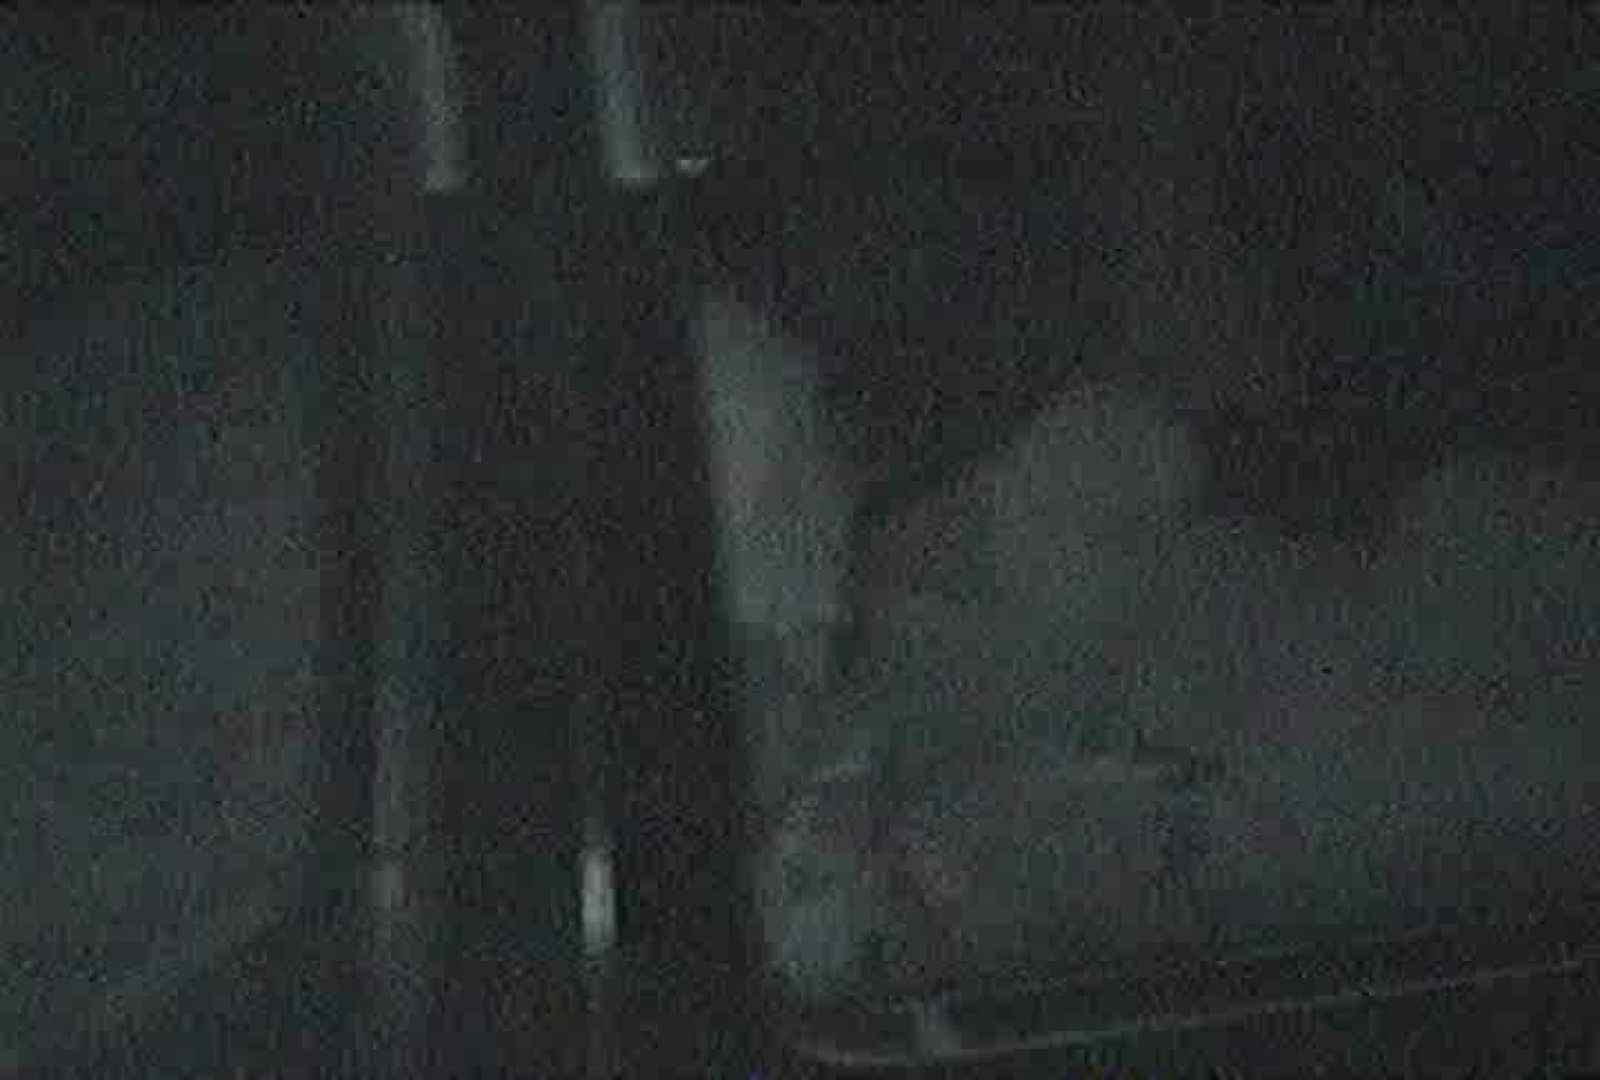 充血監督の深夜の運動会Vol.96 丸見えマンコ AV動画キャプチャ 87PIX 63